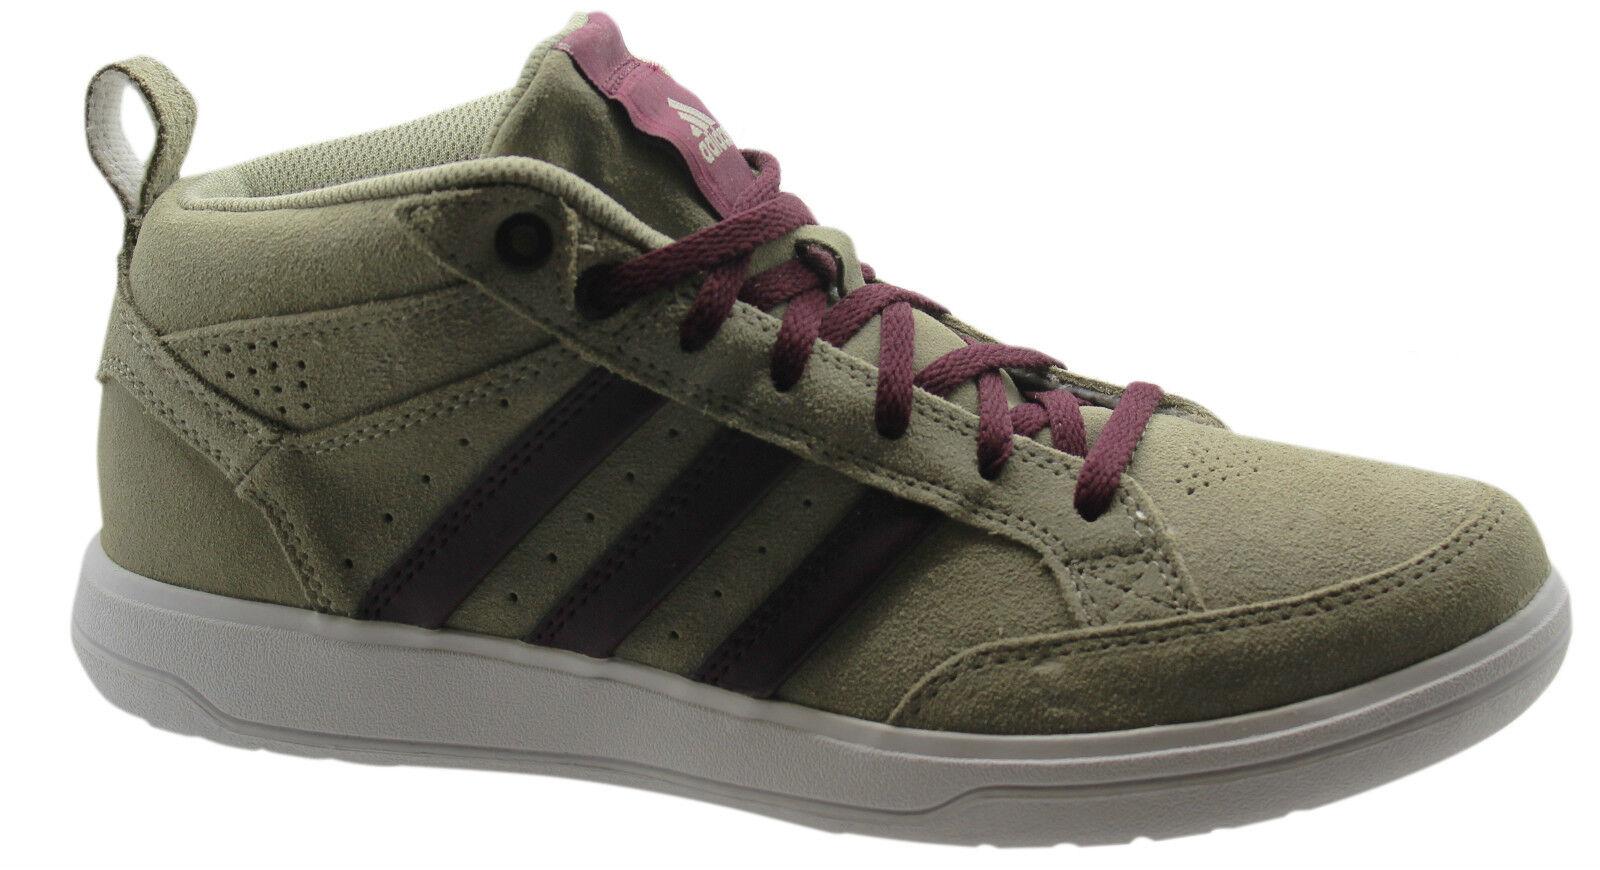 Nuevo Tamaño Para Hombres Hi-Tec V-Lite Witton Marrón Tamaño Nuevo del zapato 7 fea875